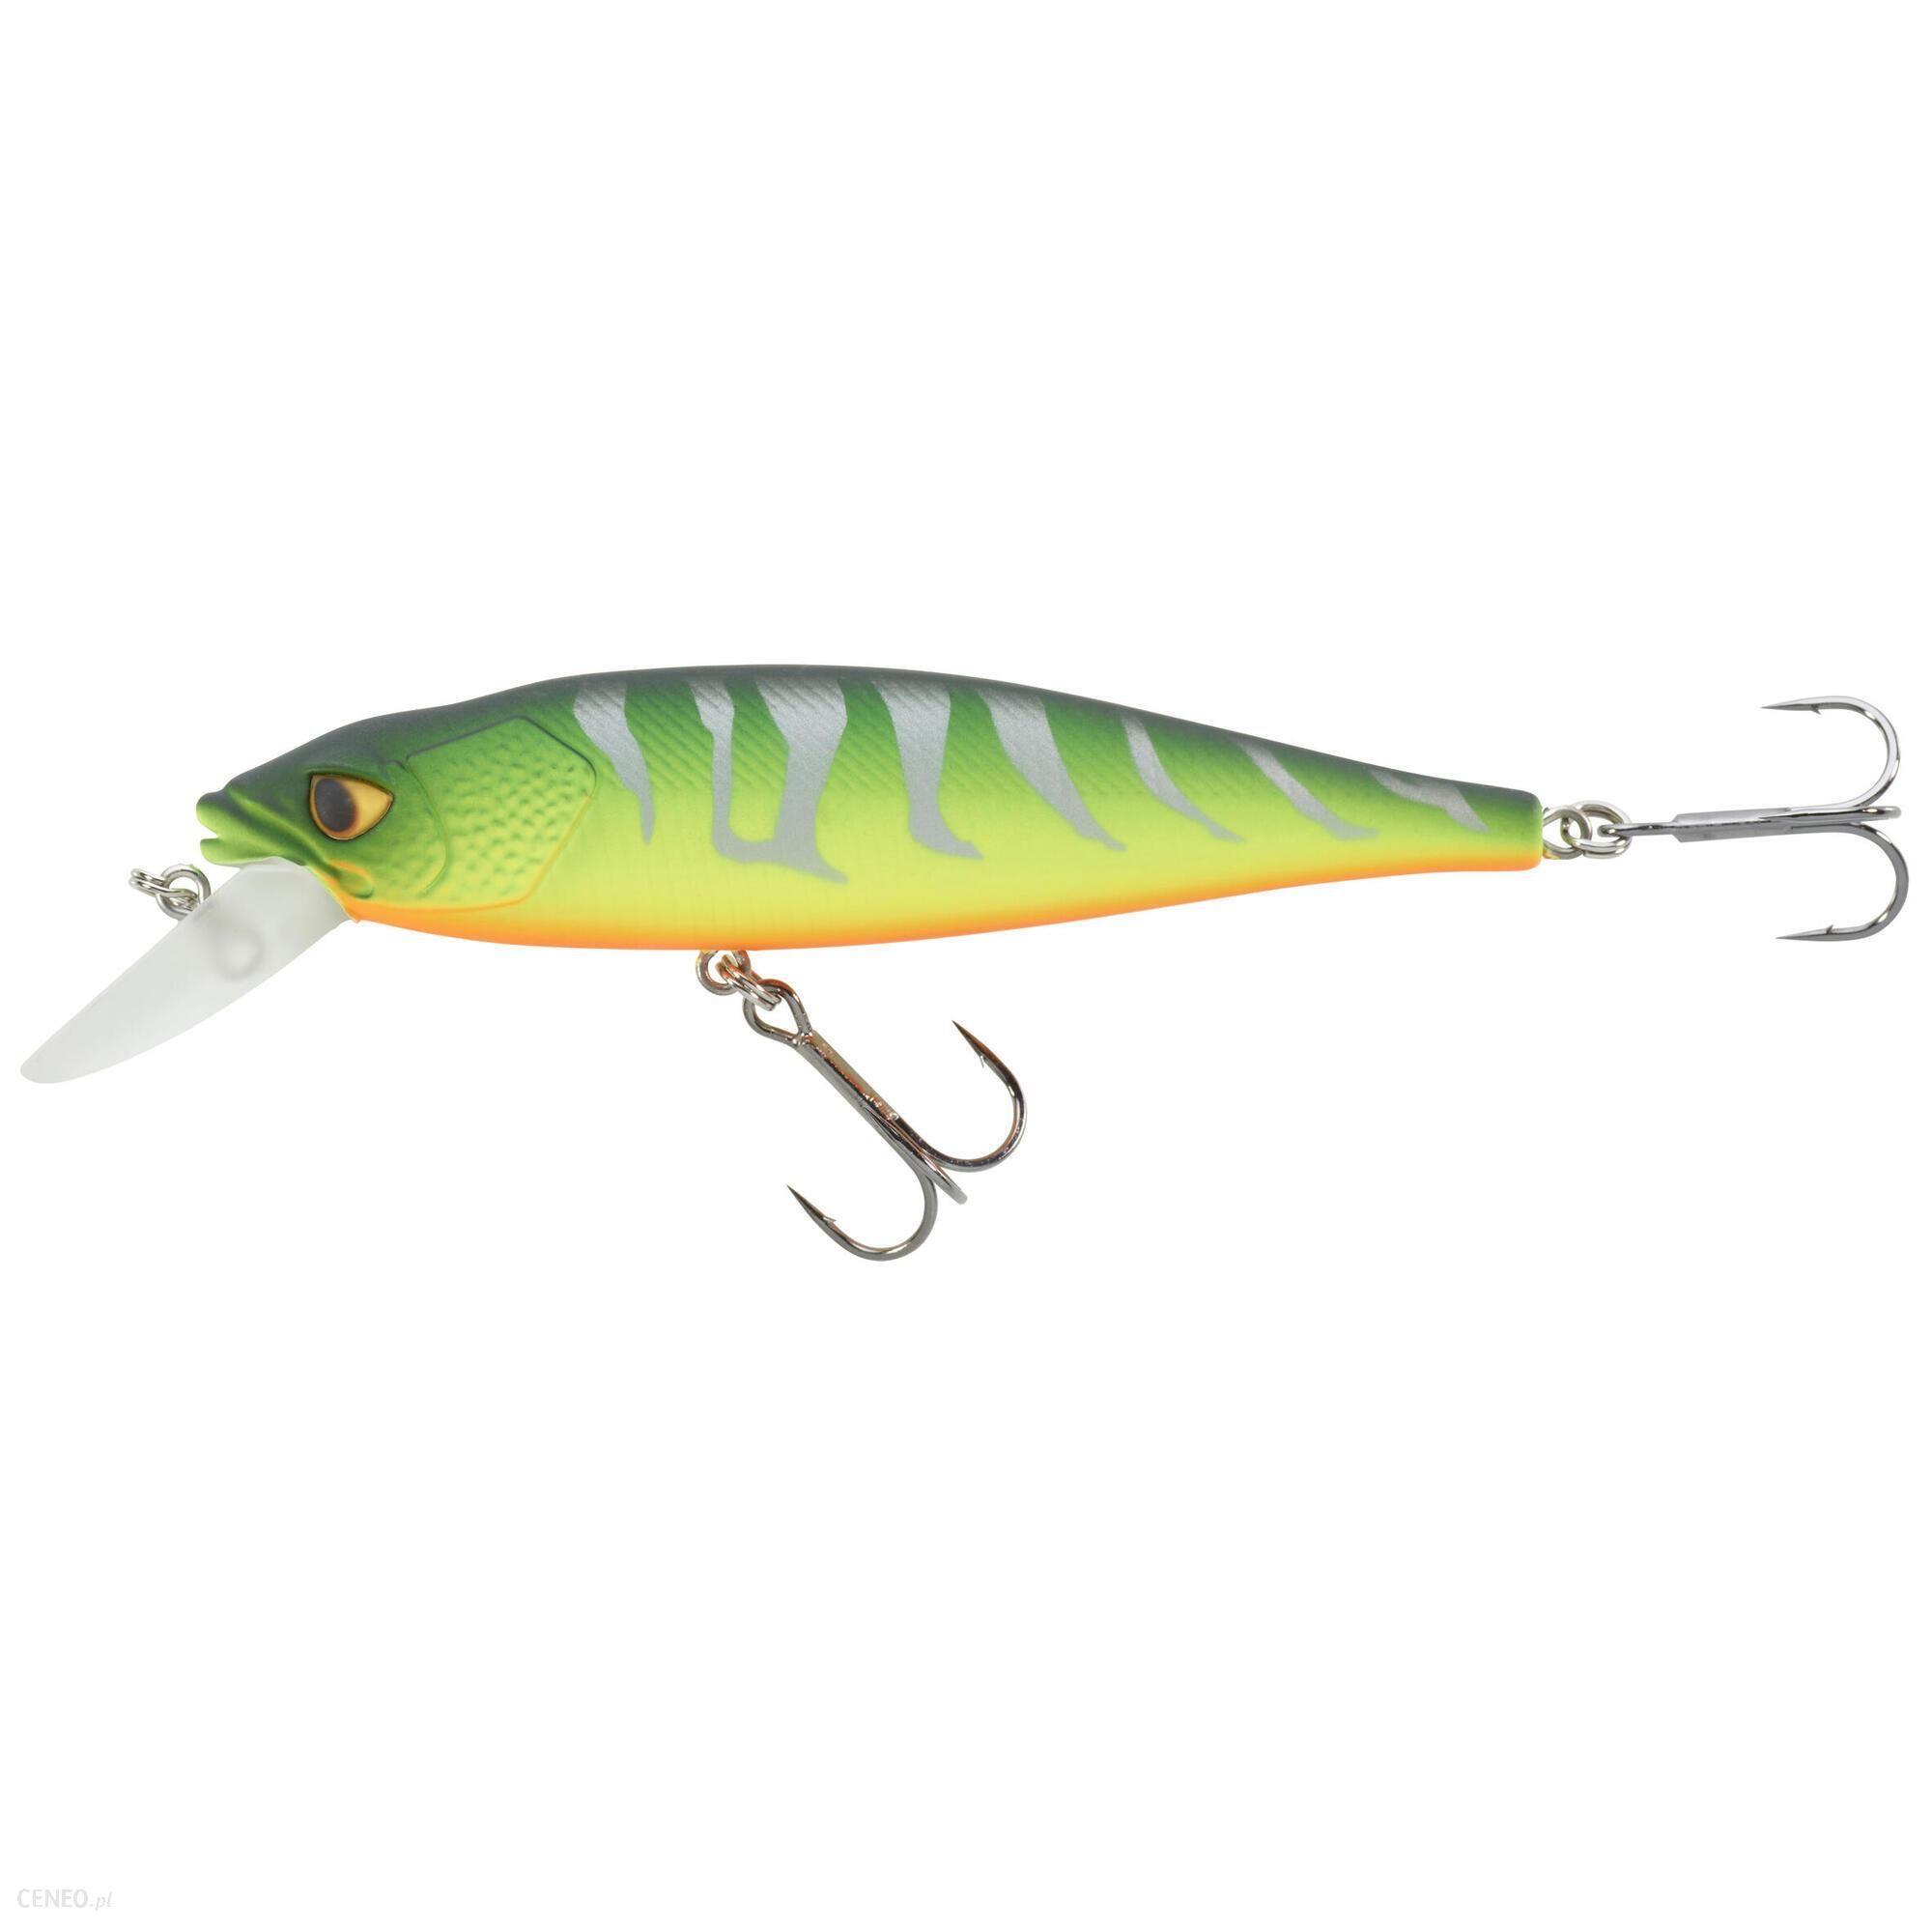 Caperlan Wobler Jerkbait Minnow Mnw 100 Sp Firetiger Pomarańczowy Zielony Żółty